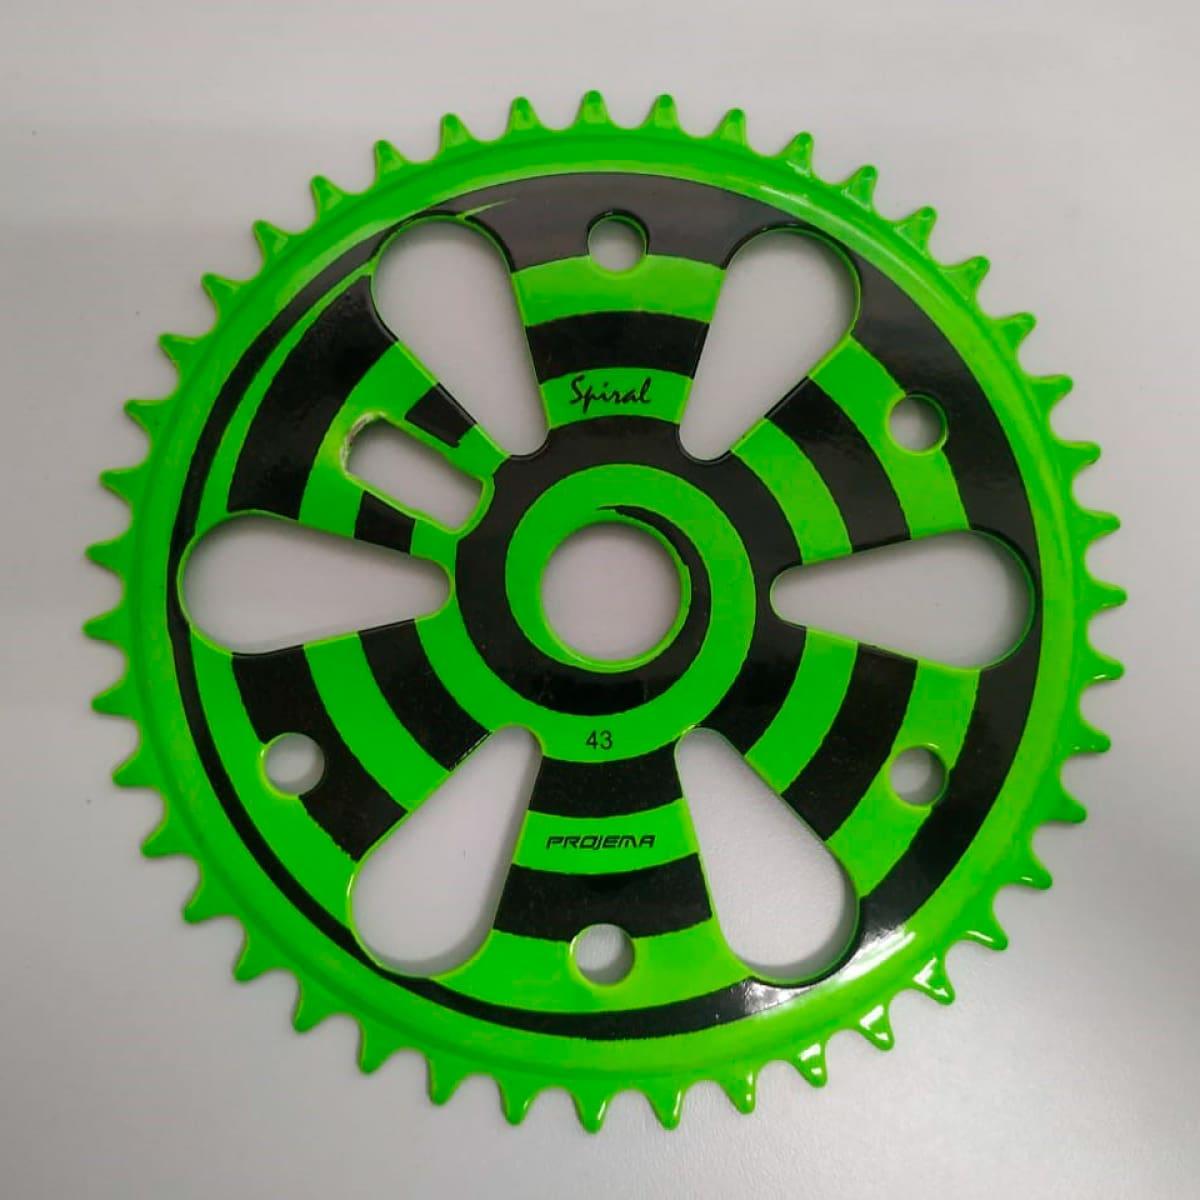 Coroa Projema 43D Spiral Verde Neon